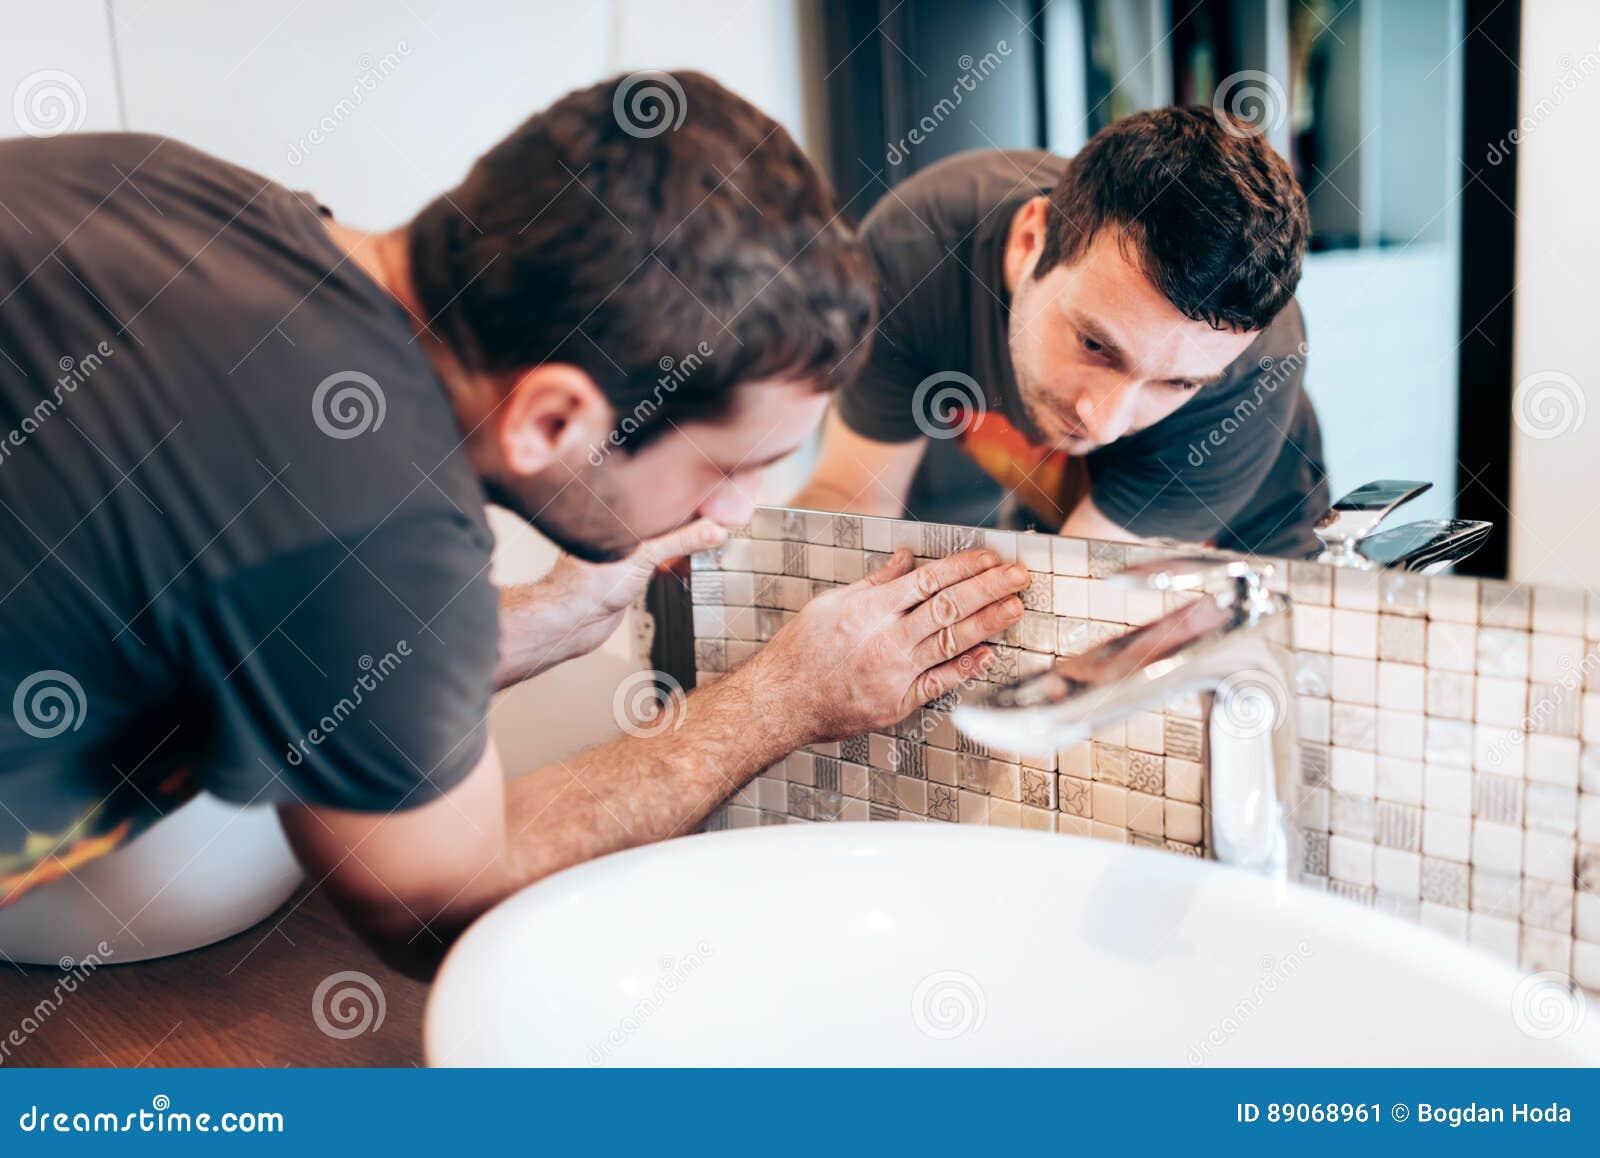 Odświeżanie szczegóły Budowa szczegóły z złotej rączki lub pracownika sumującej mozaiki ceramicznymi płytkami na łazienek ścianac